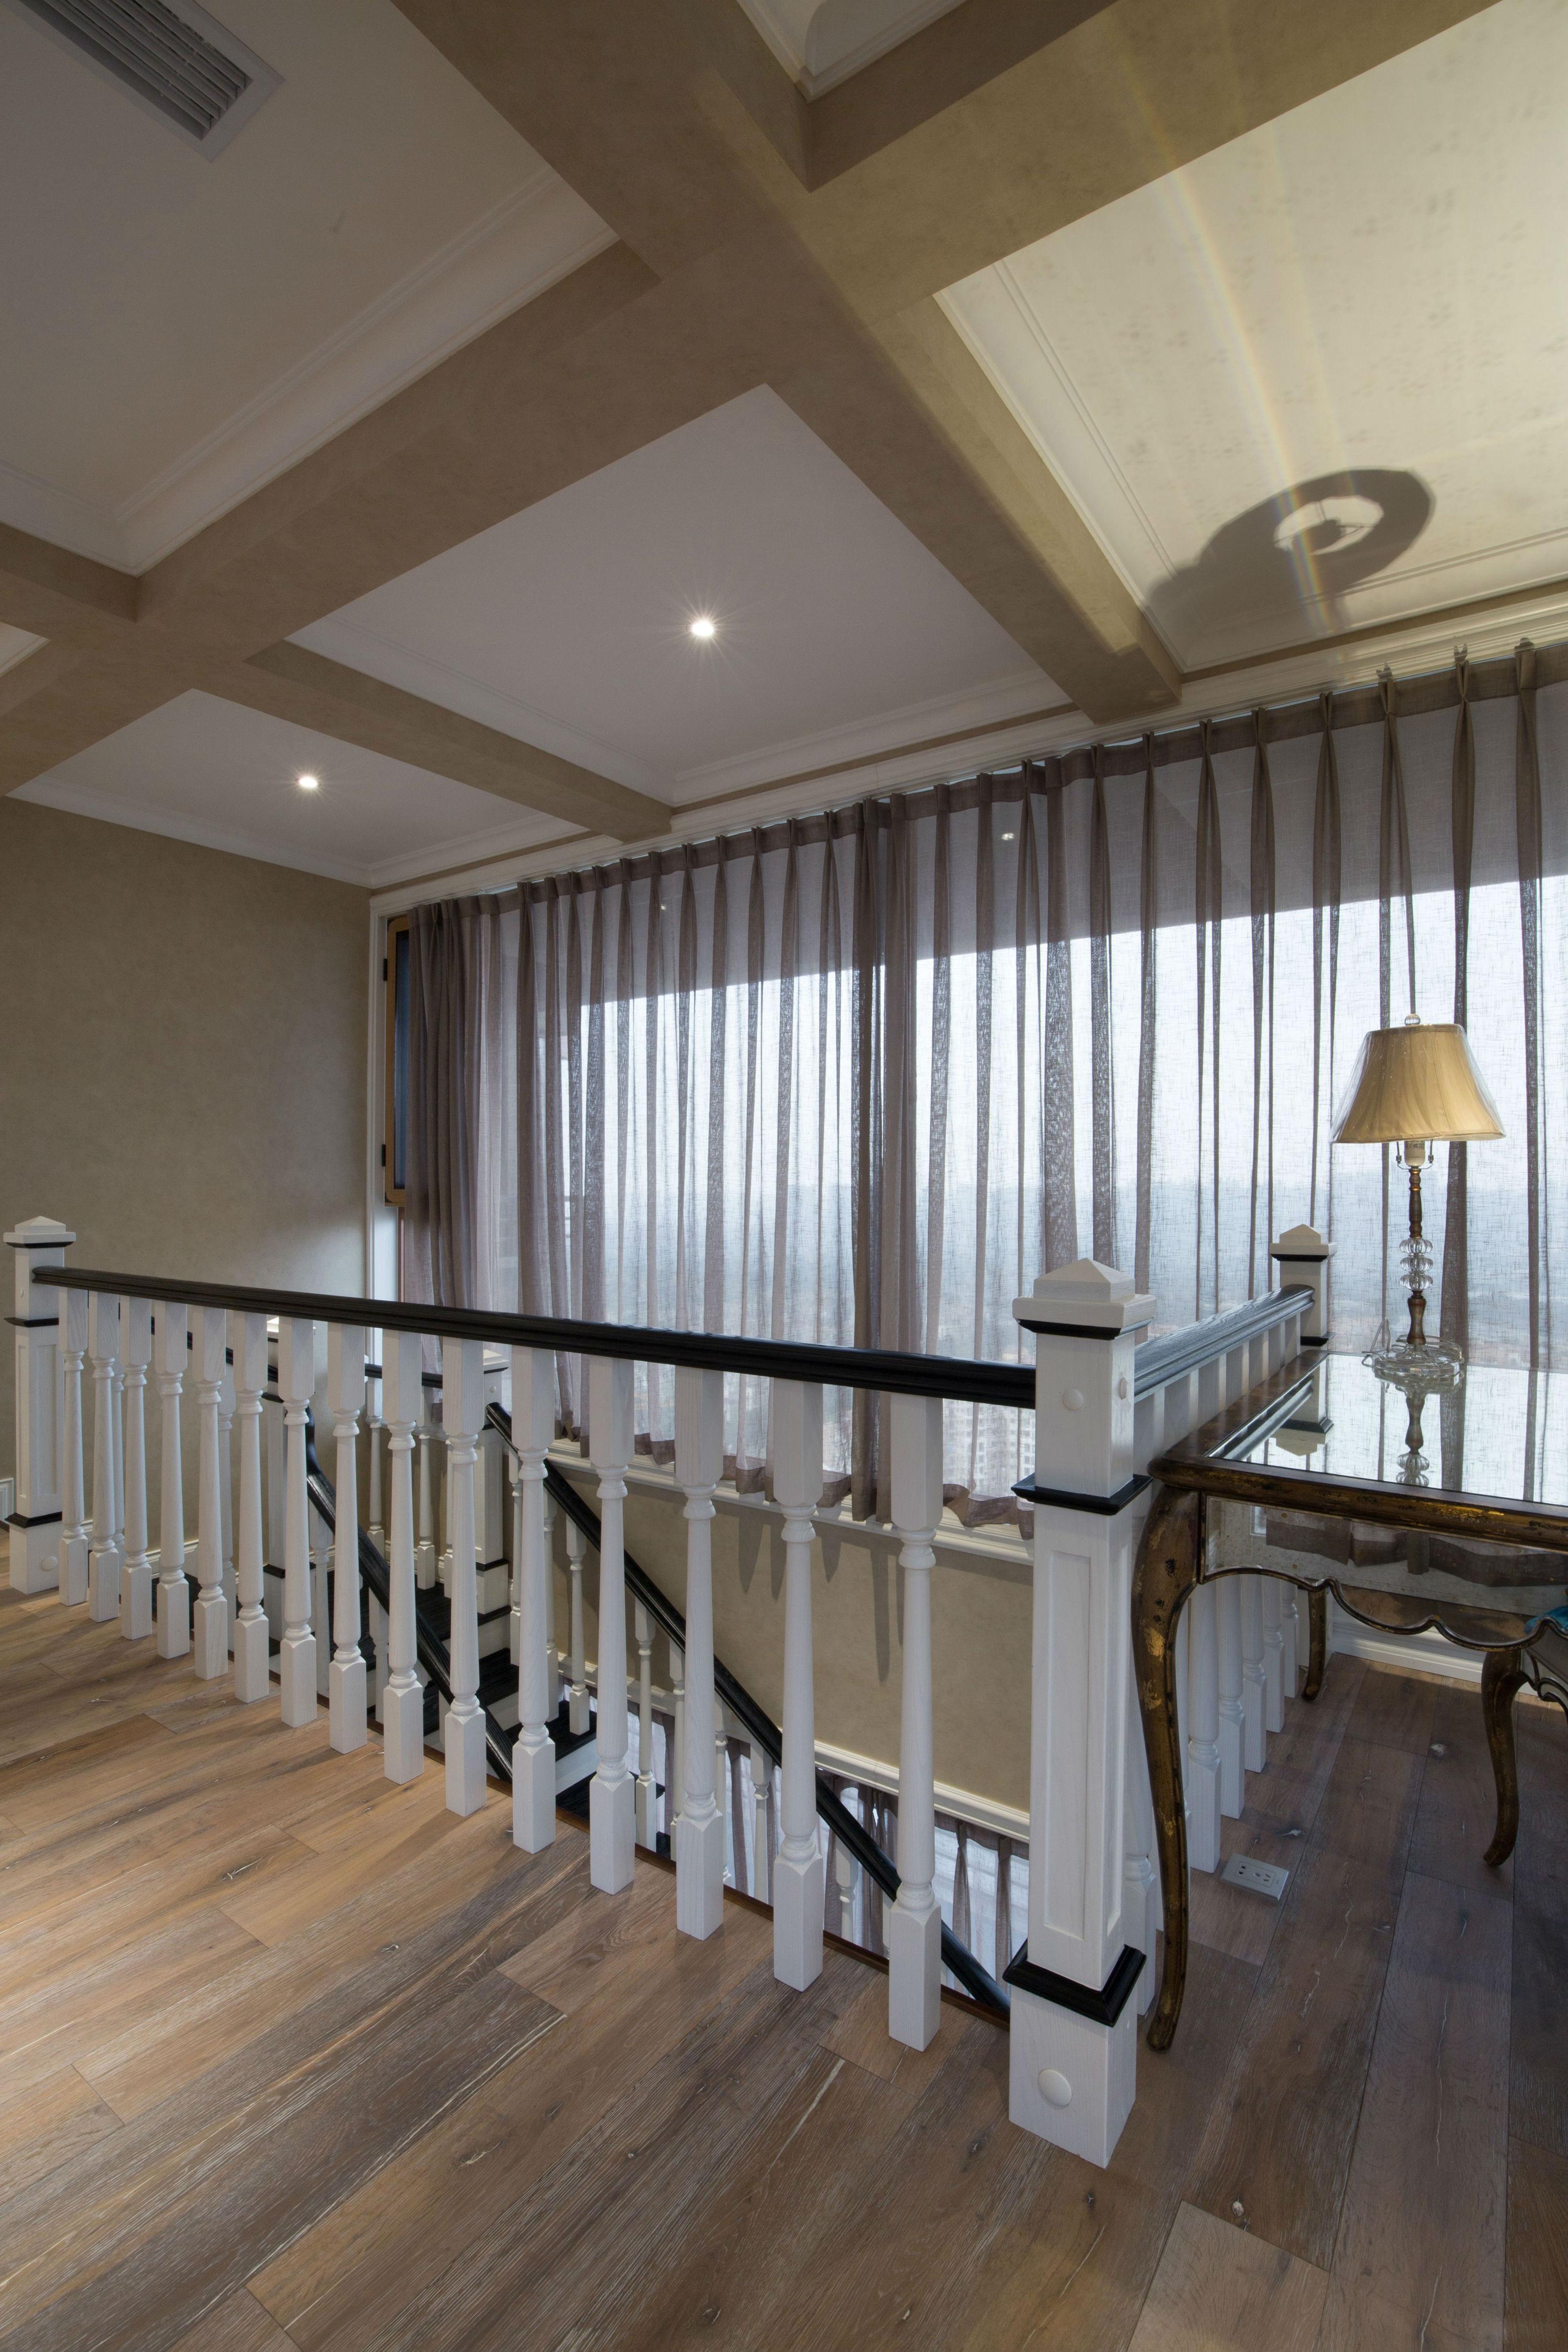 美式风格别墅楼梯空间装修效果图